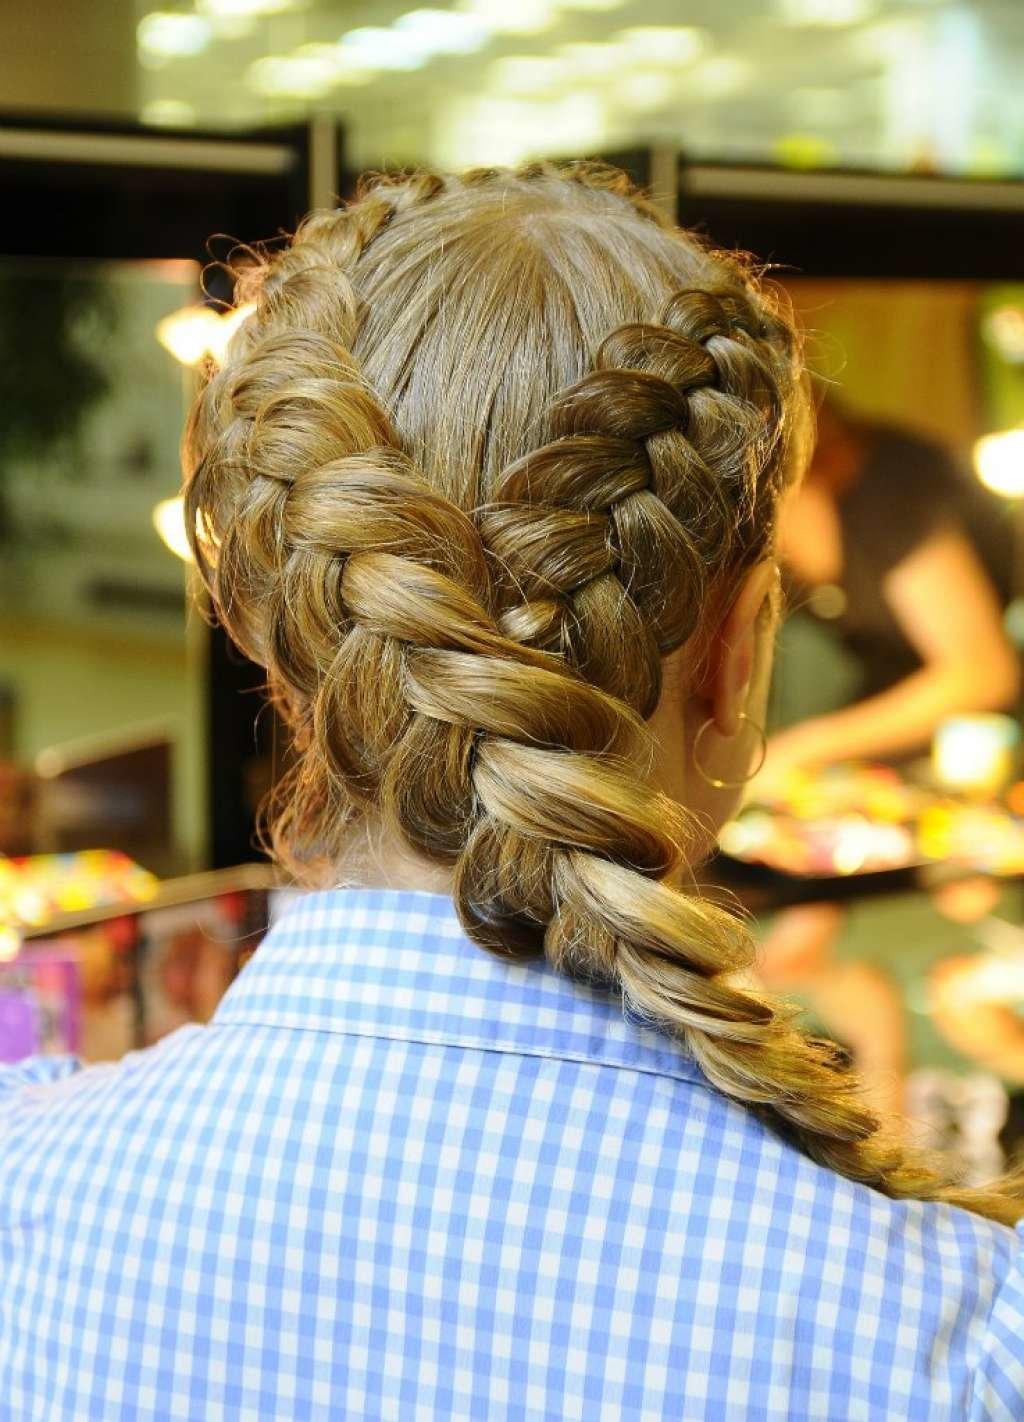 картинки косичек из волос того, вас